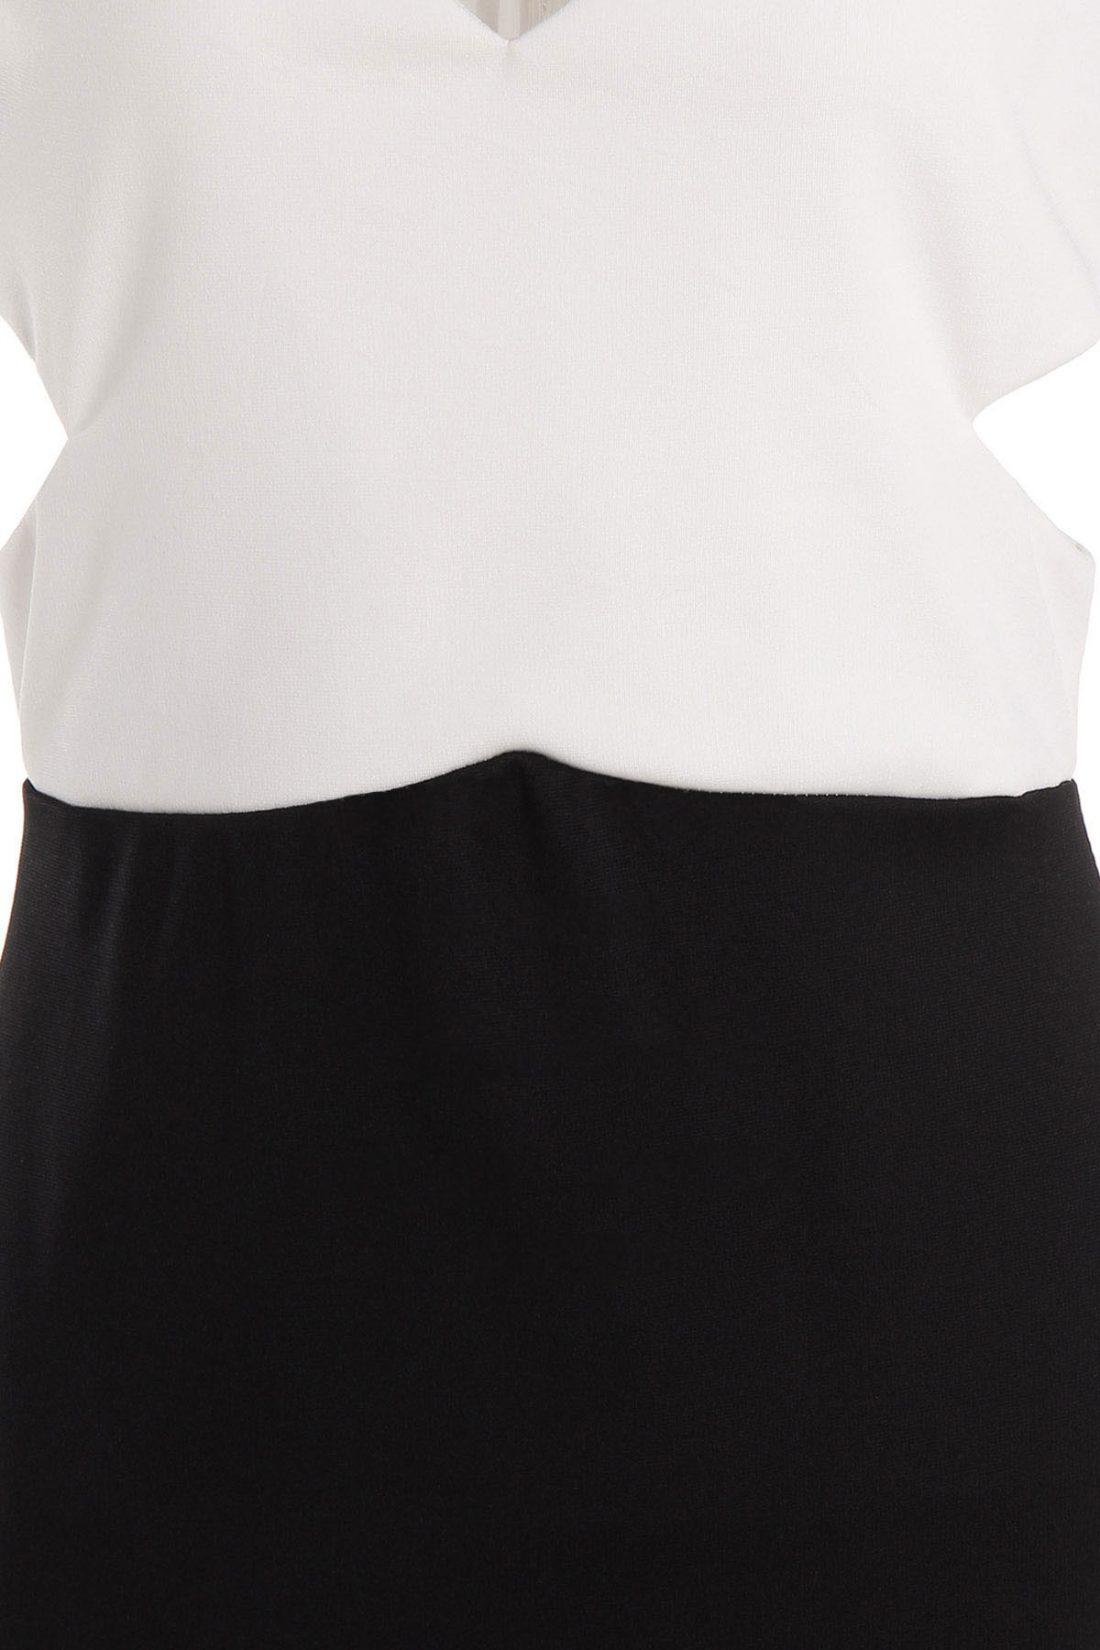 M0157 blackwhite3 Office Evening Dresses maureens.com boutique